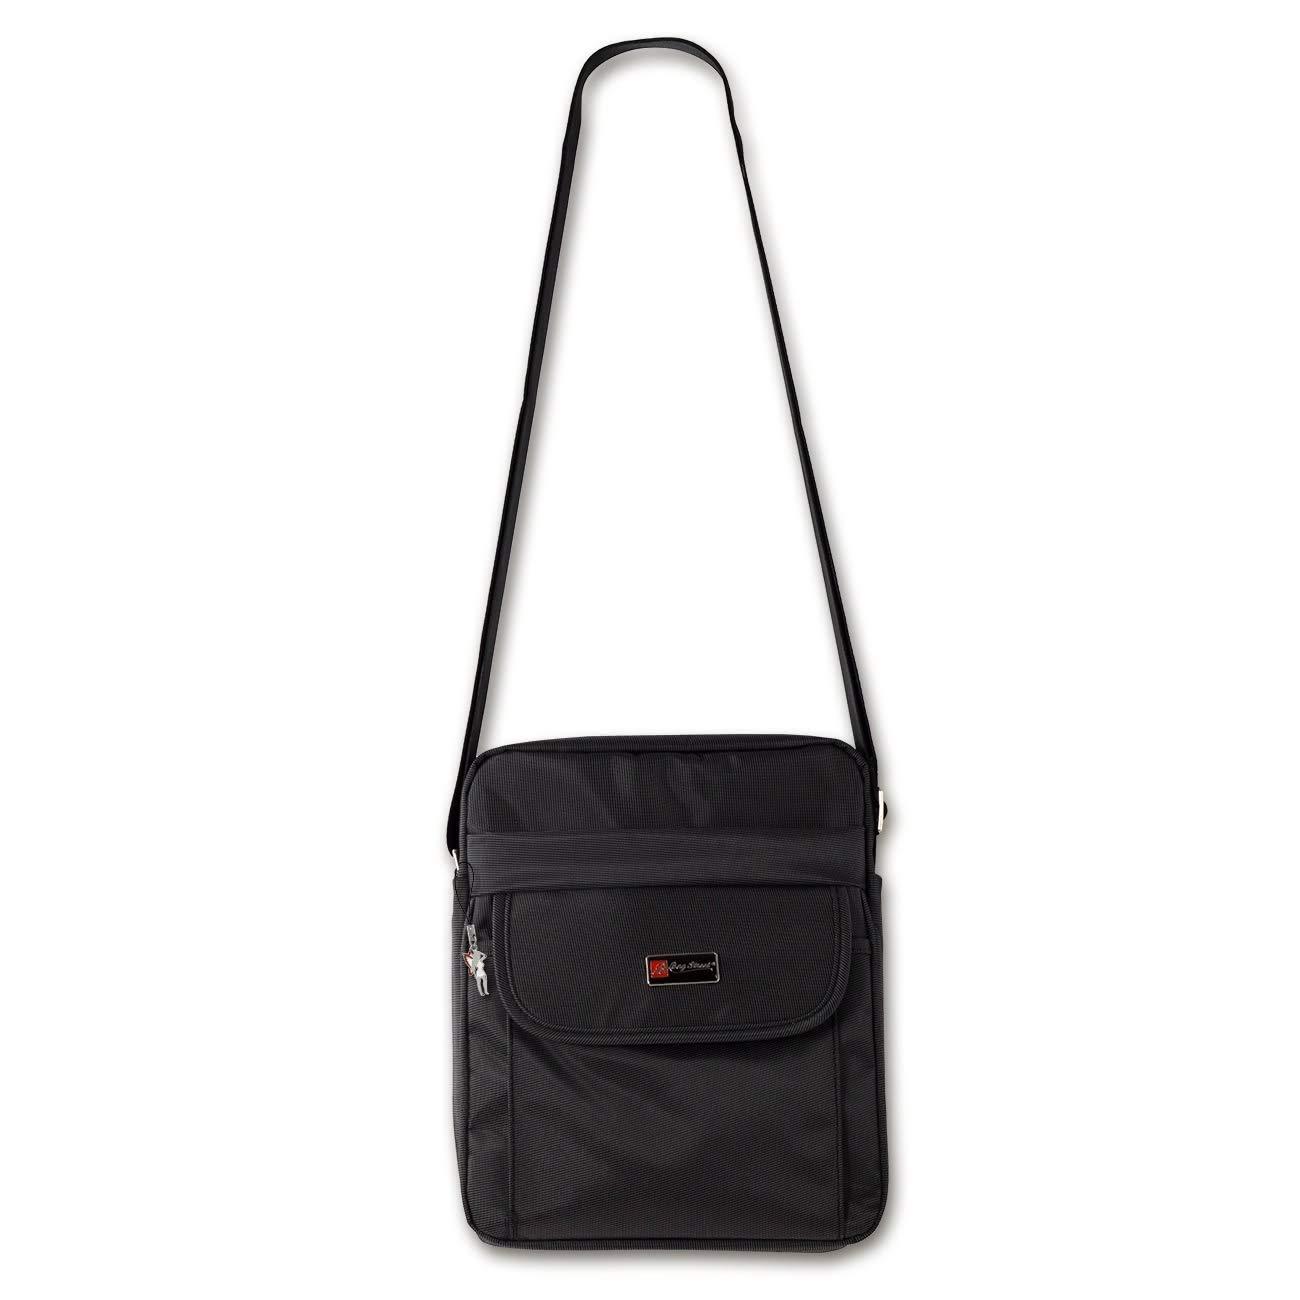 b64dd5fb46d27 DrachenLeder Bag Street Umhängetasche Crossover Schultertasche Polyester  schwarz OTJ253S  Amazon.de  Schuhe   Handtaschen